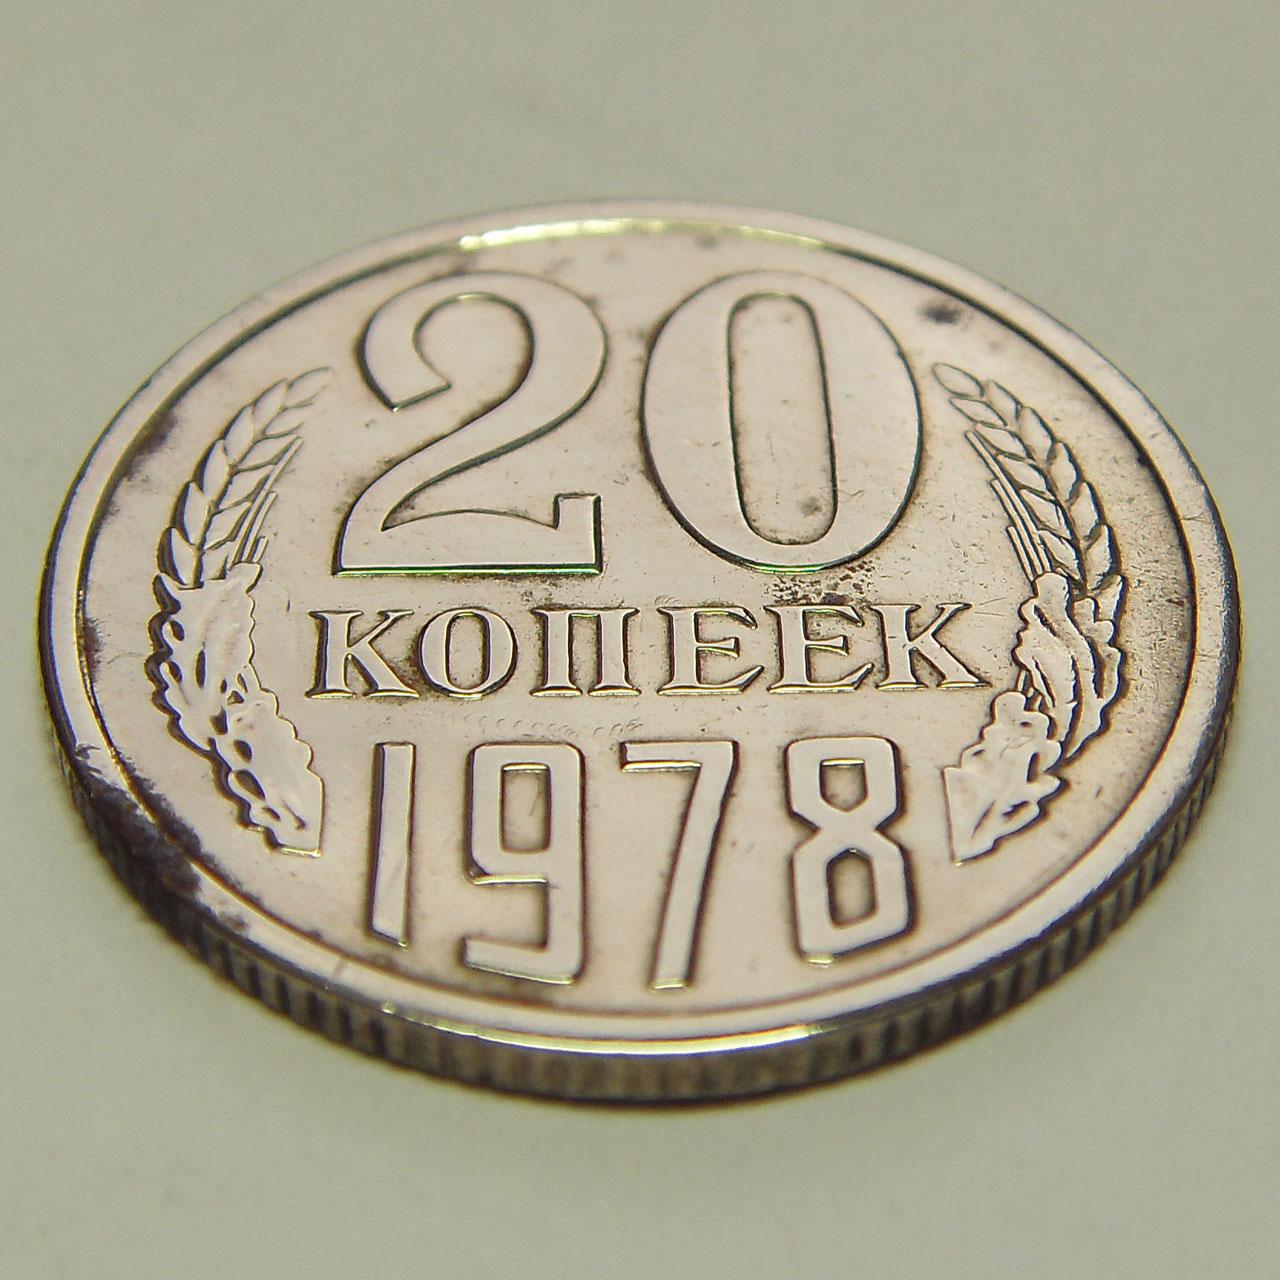 Пасты для монет 18 веков это сколько лет